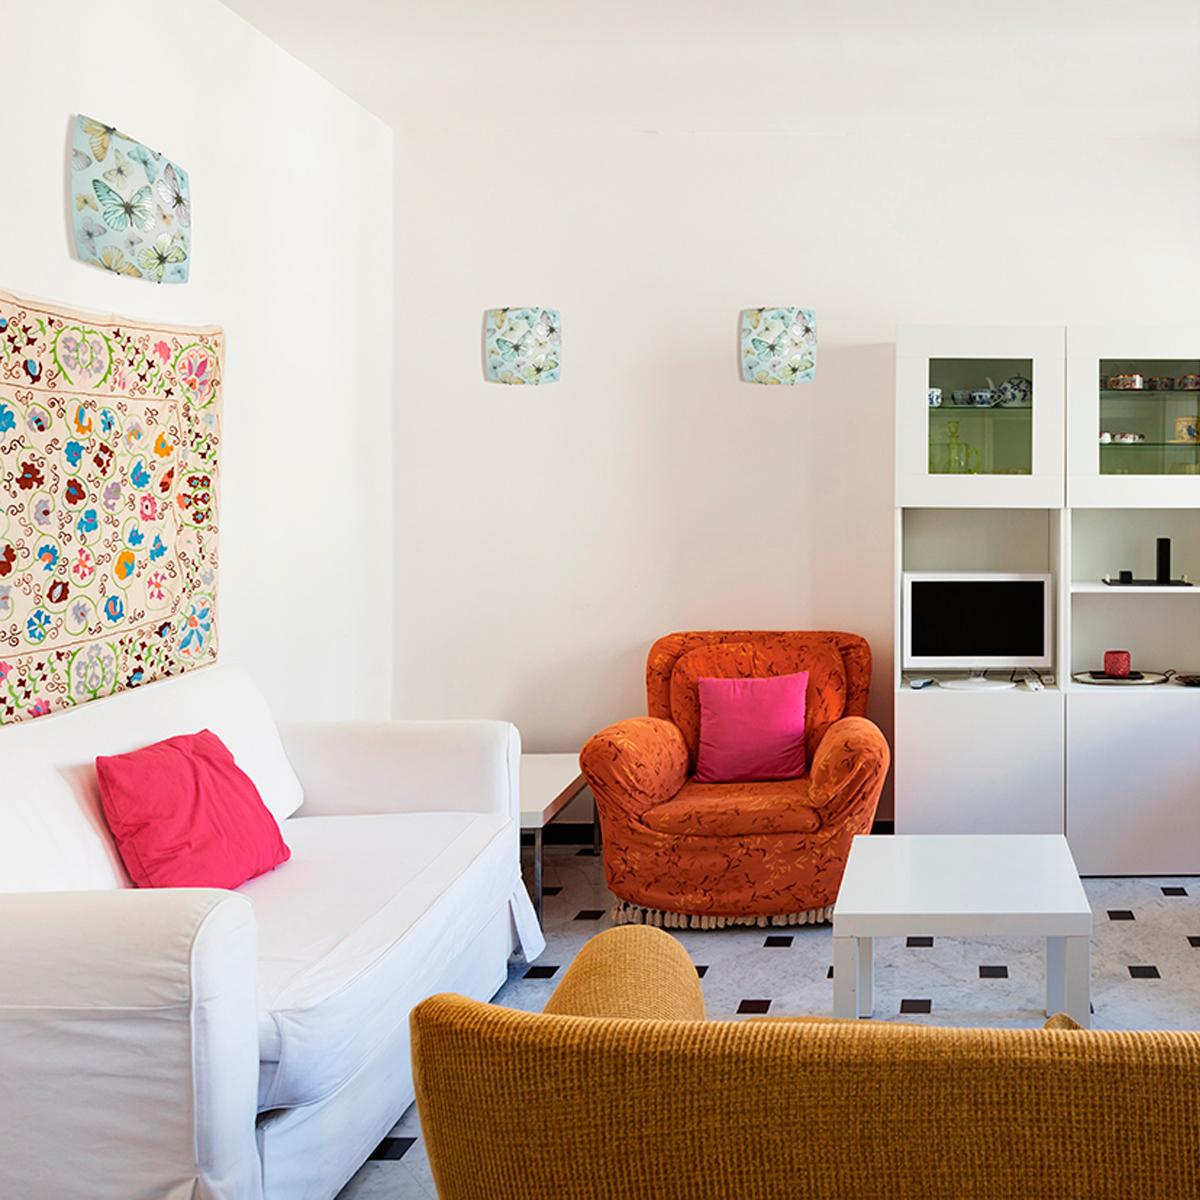 Потолочный светильник Sonex Baleta 1249, 1xE27x60W, хром, разноцветный, металл, стекло - фото 2